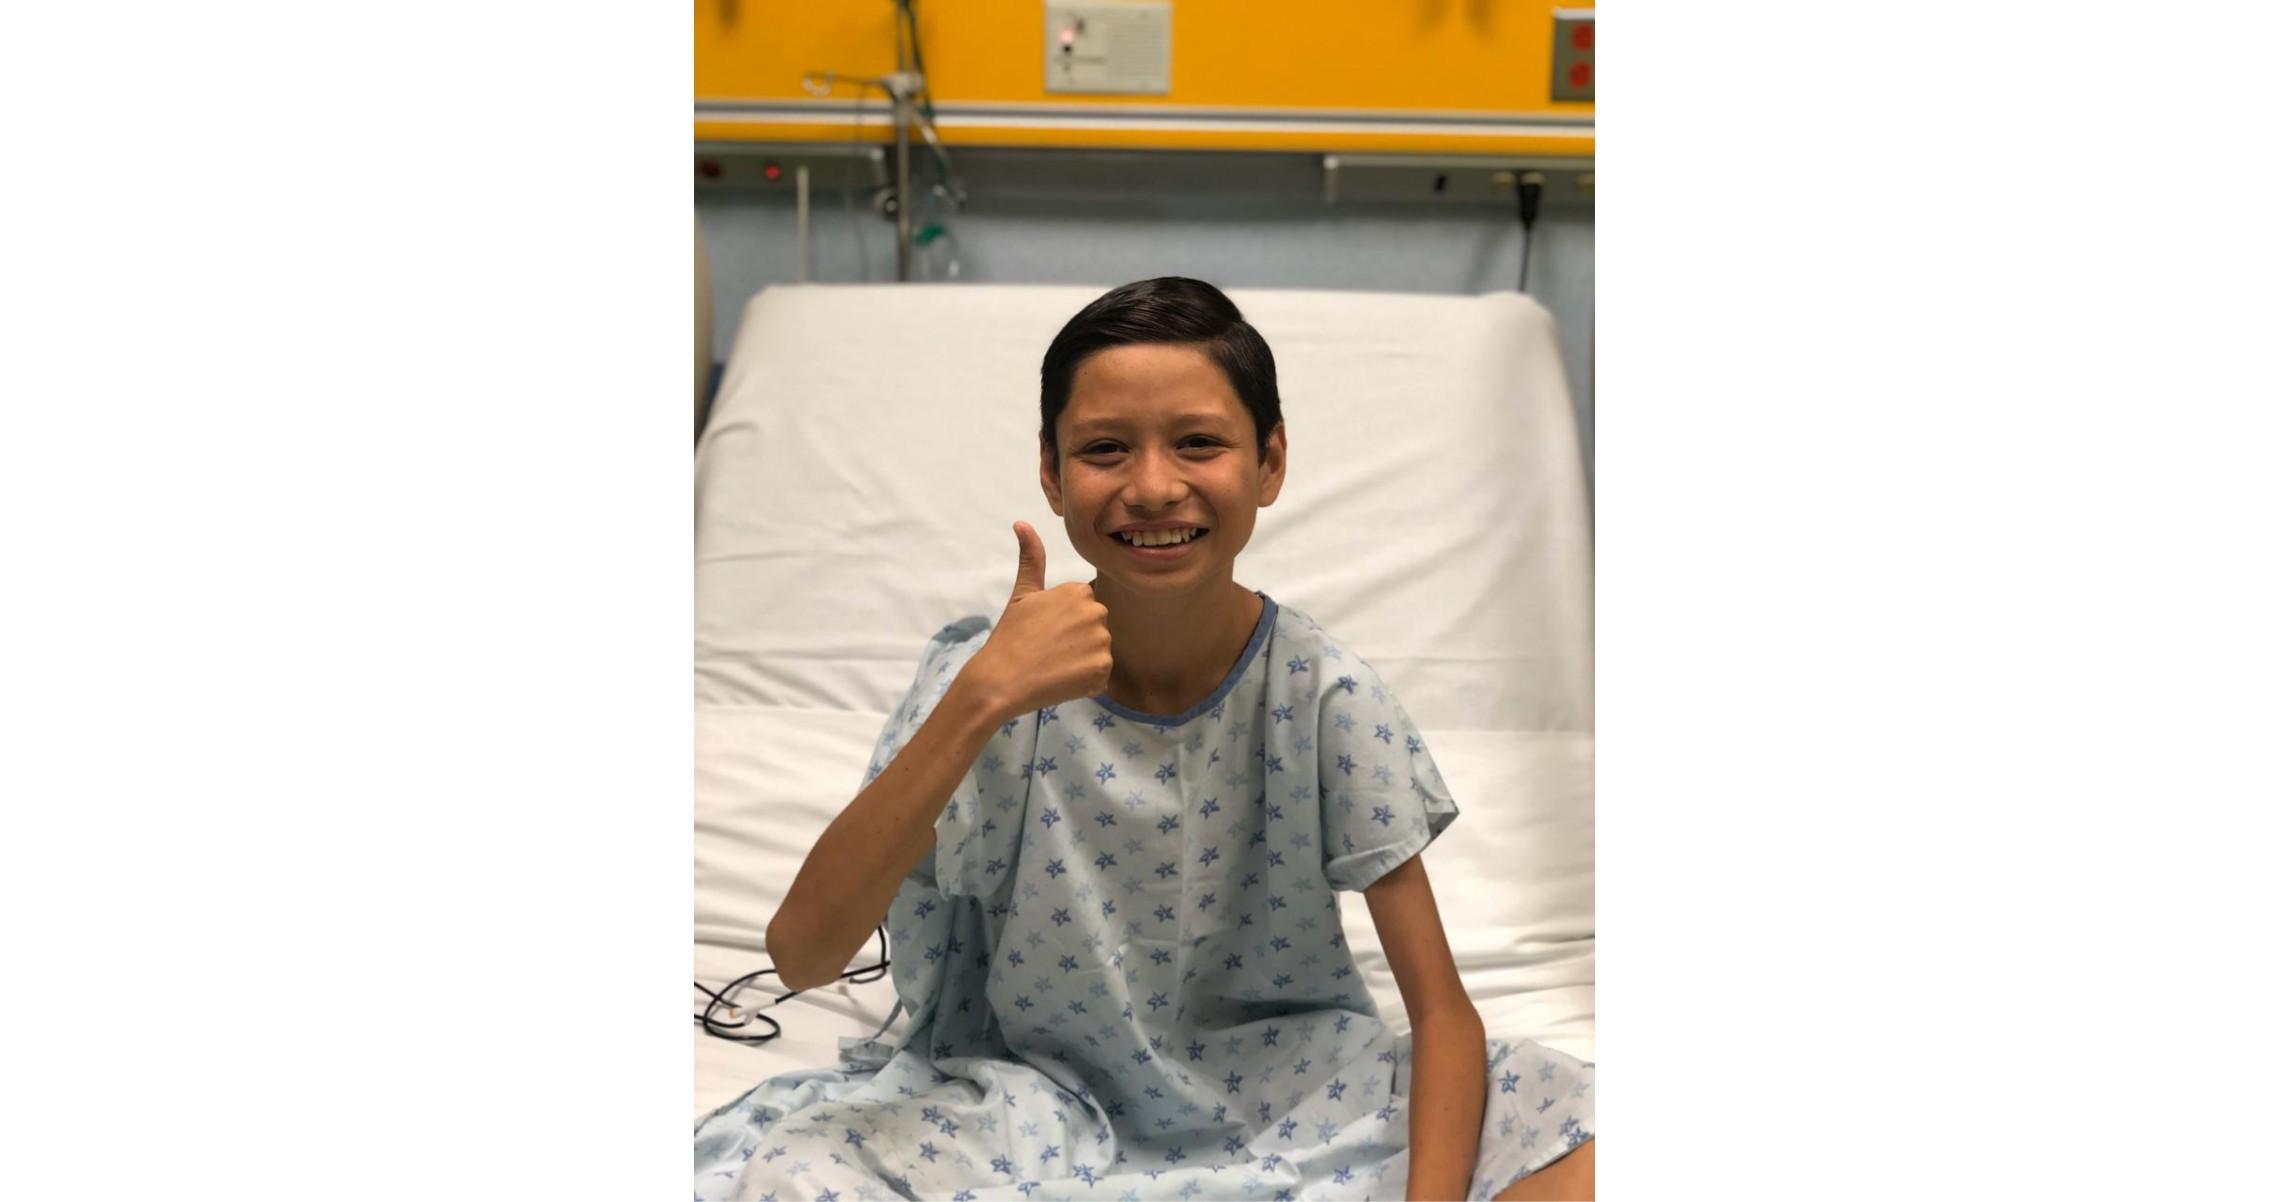 SSG realiza con éxito el doceavo trasplante a un menor de edad 4